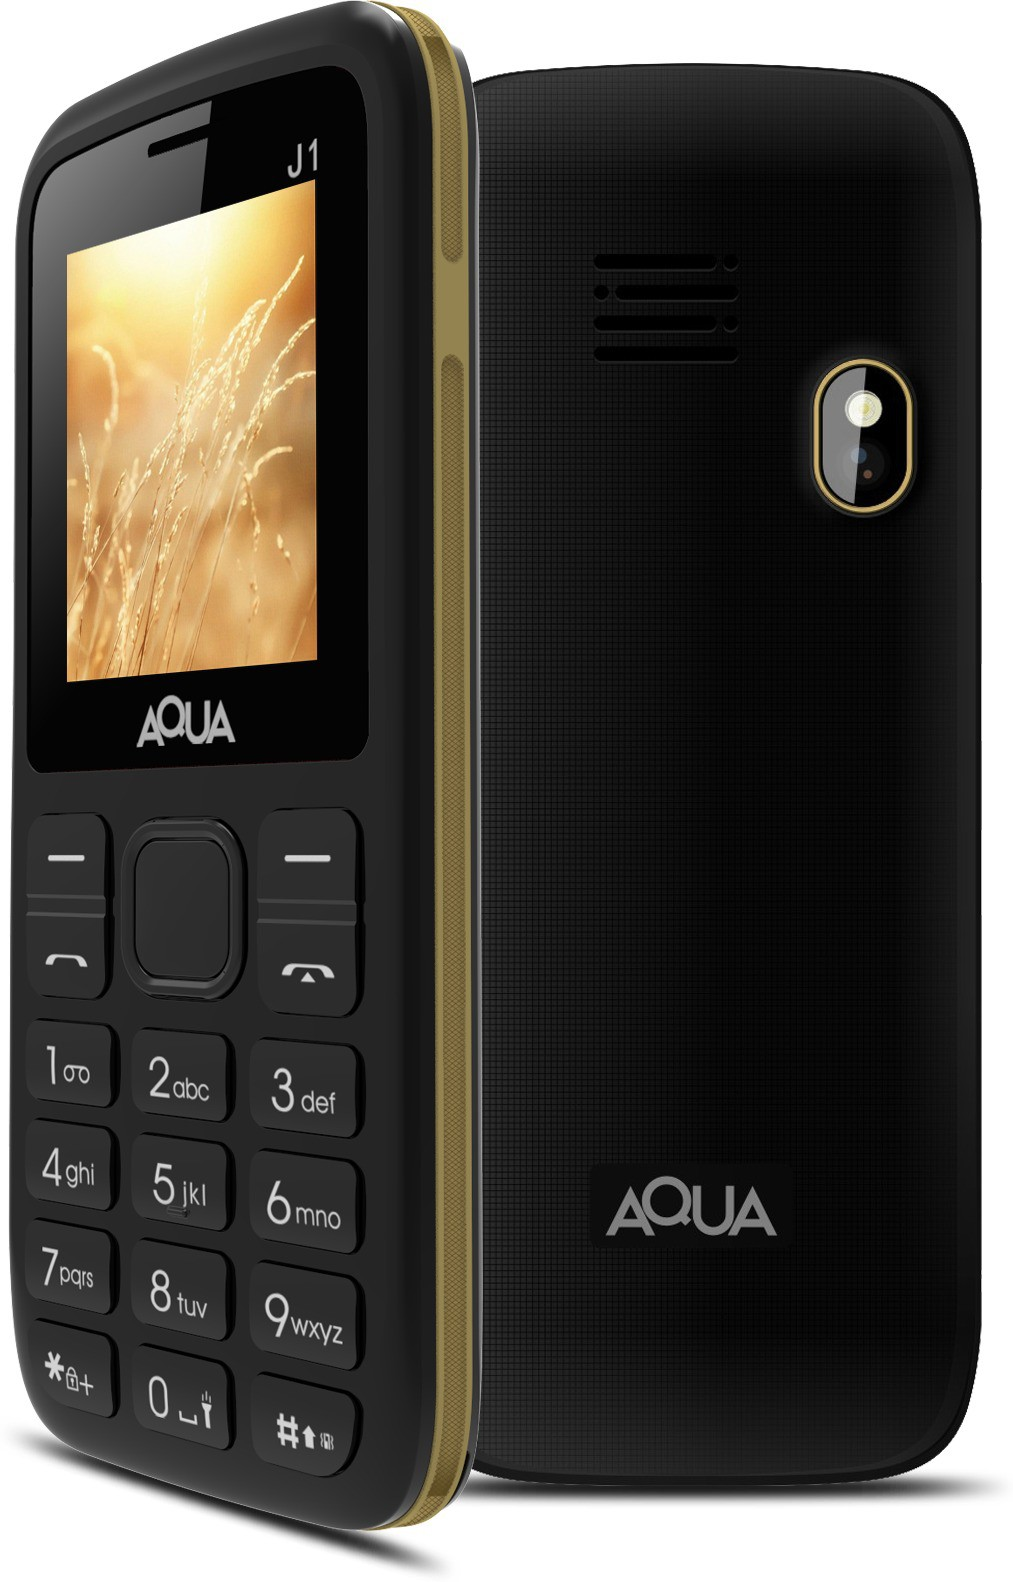 Aqua J1(Black & Gold)